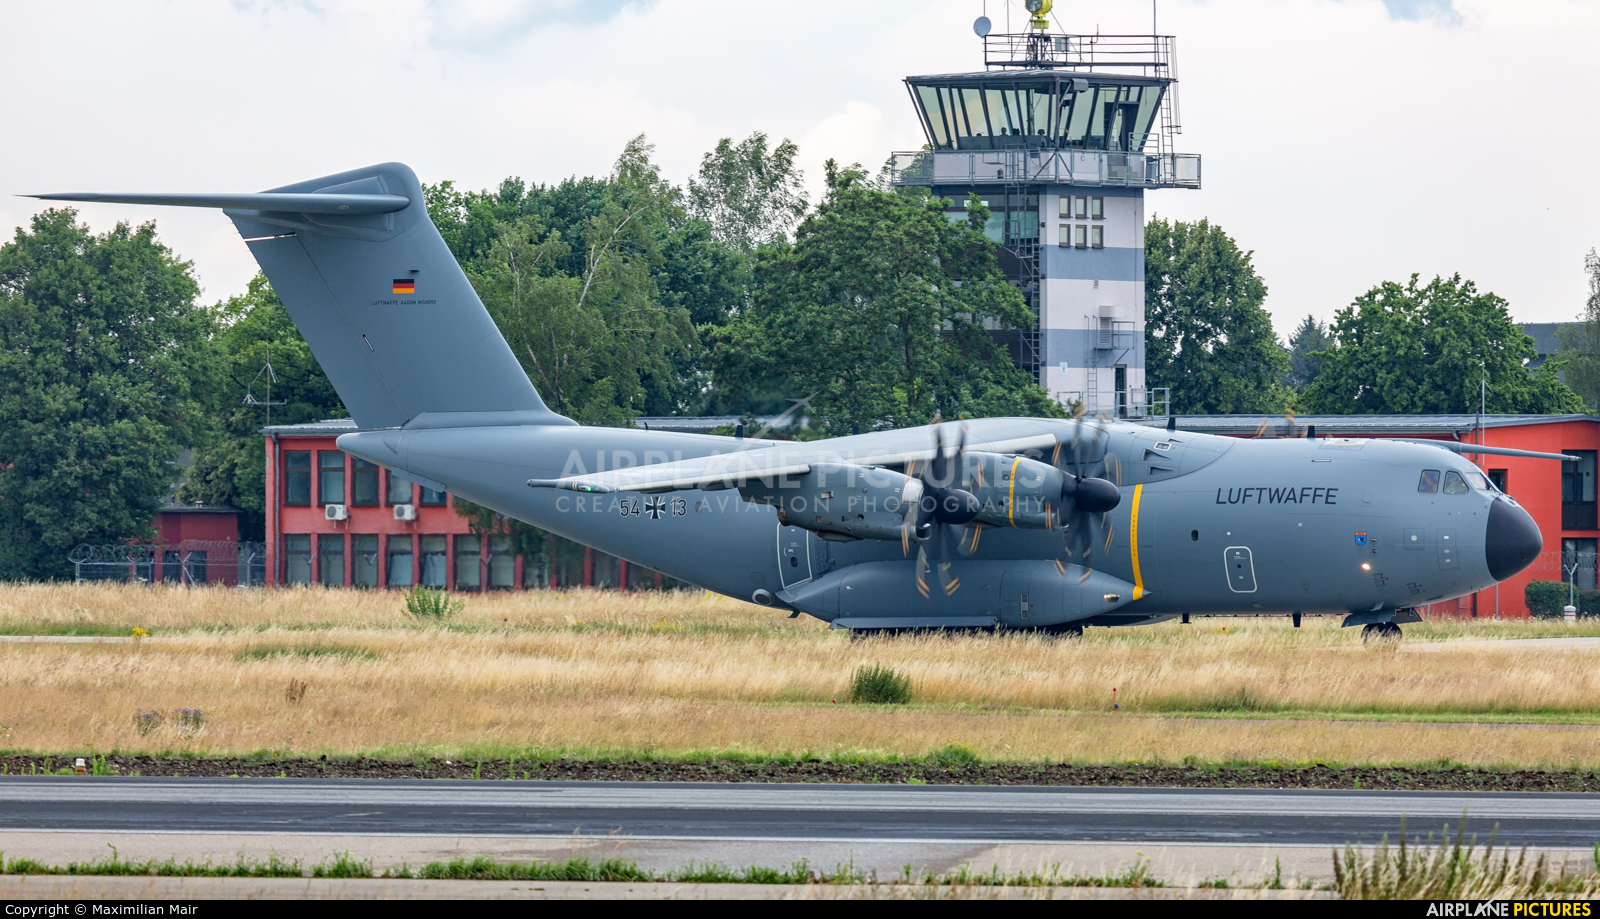 Germany - Air Force 54+13 aircraft at Memmingen